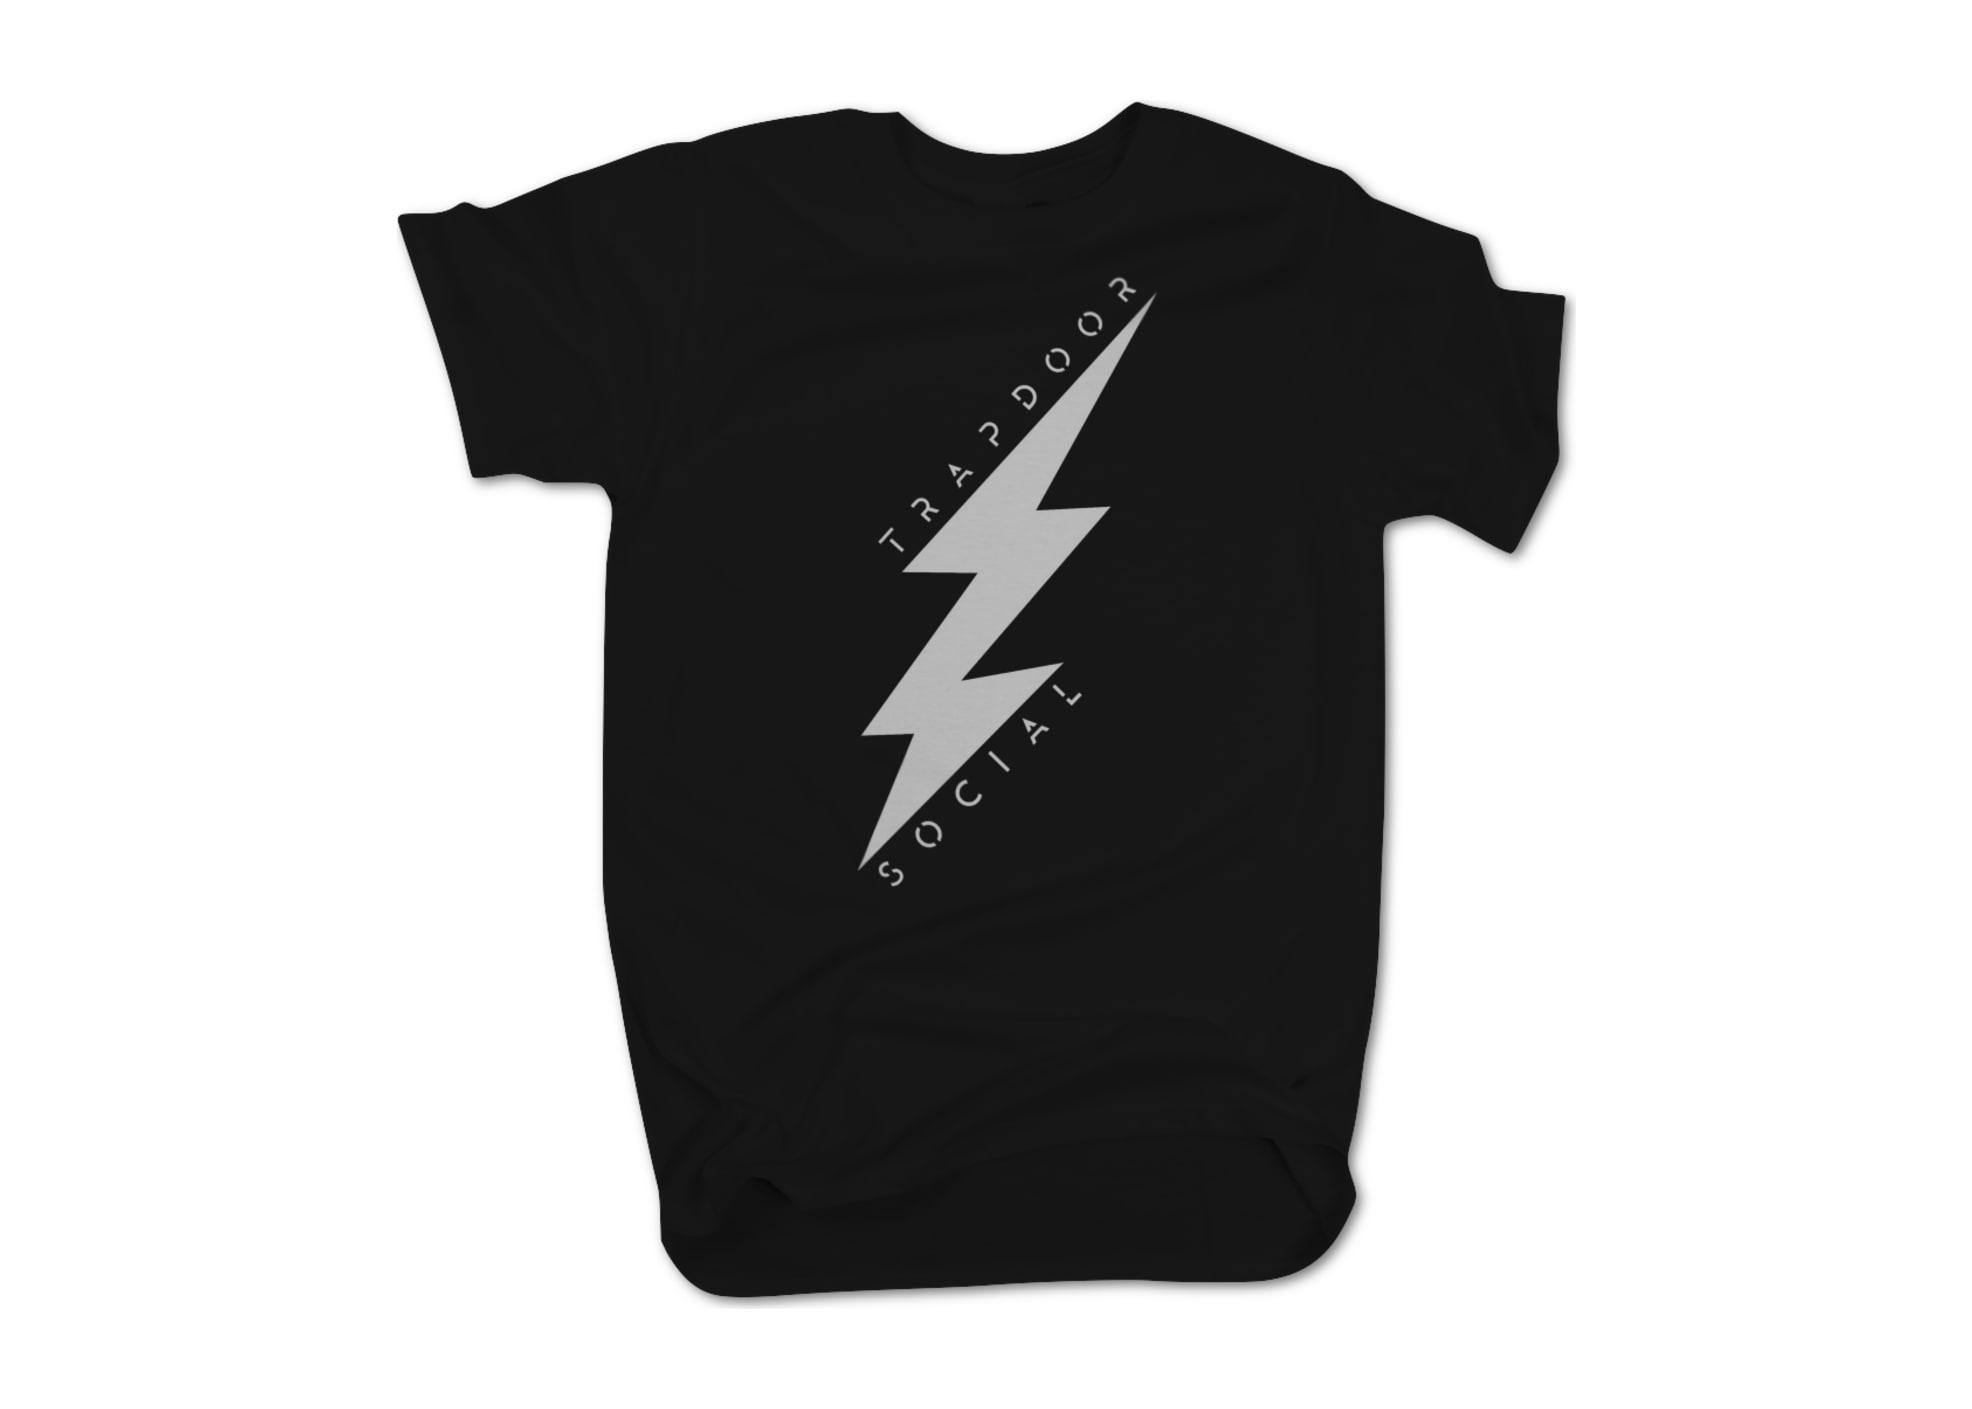 Trapdoor social lightning bolt   black 1476751963